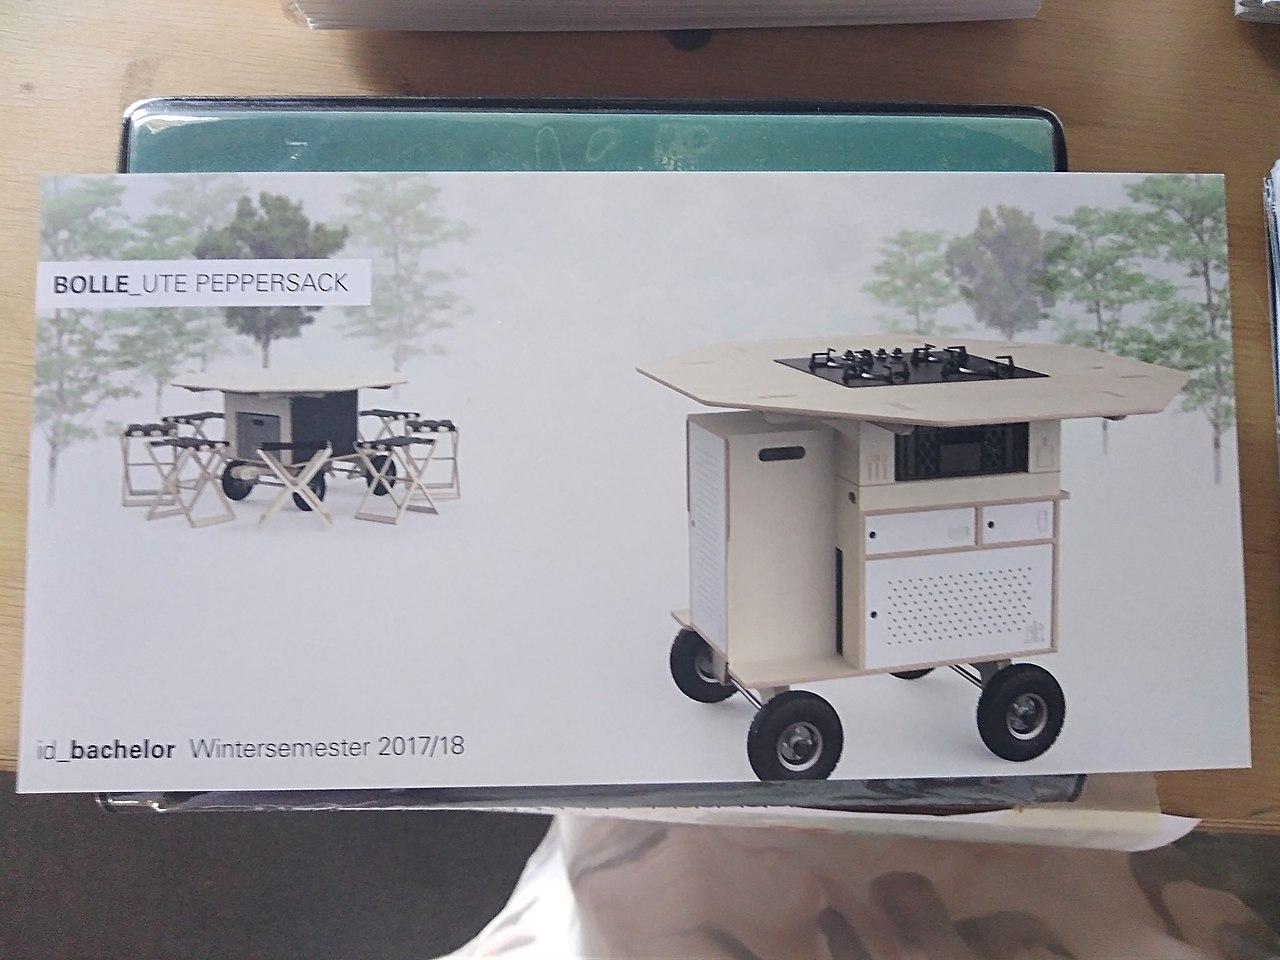 Full Size of Welcher Mobile Küche Mobile Küche Mieten Stuttgart Gastronomie Mobile Küche Mobile Küche Mit Wassertank Küche Mobile Küche